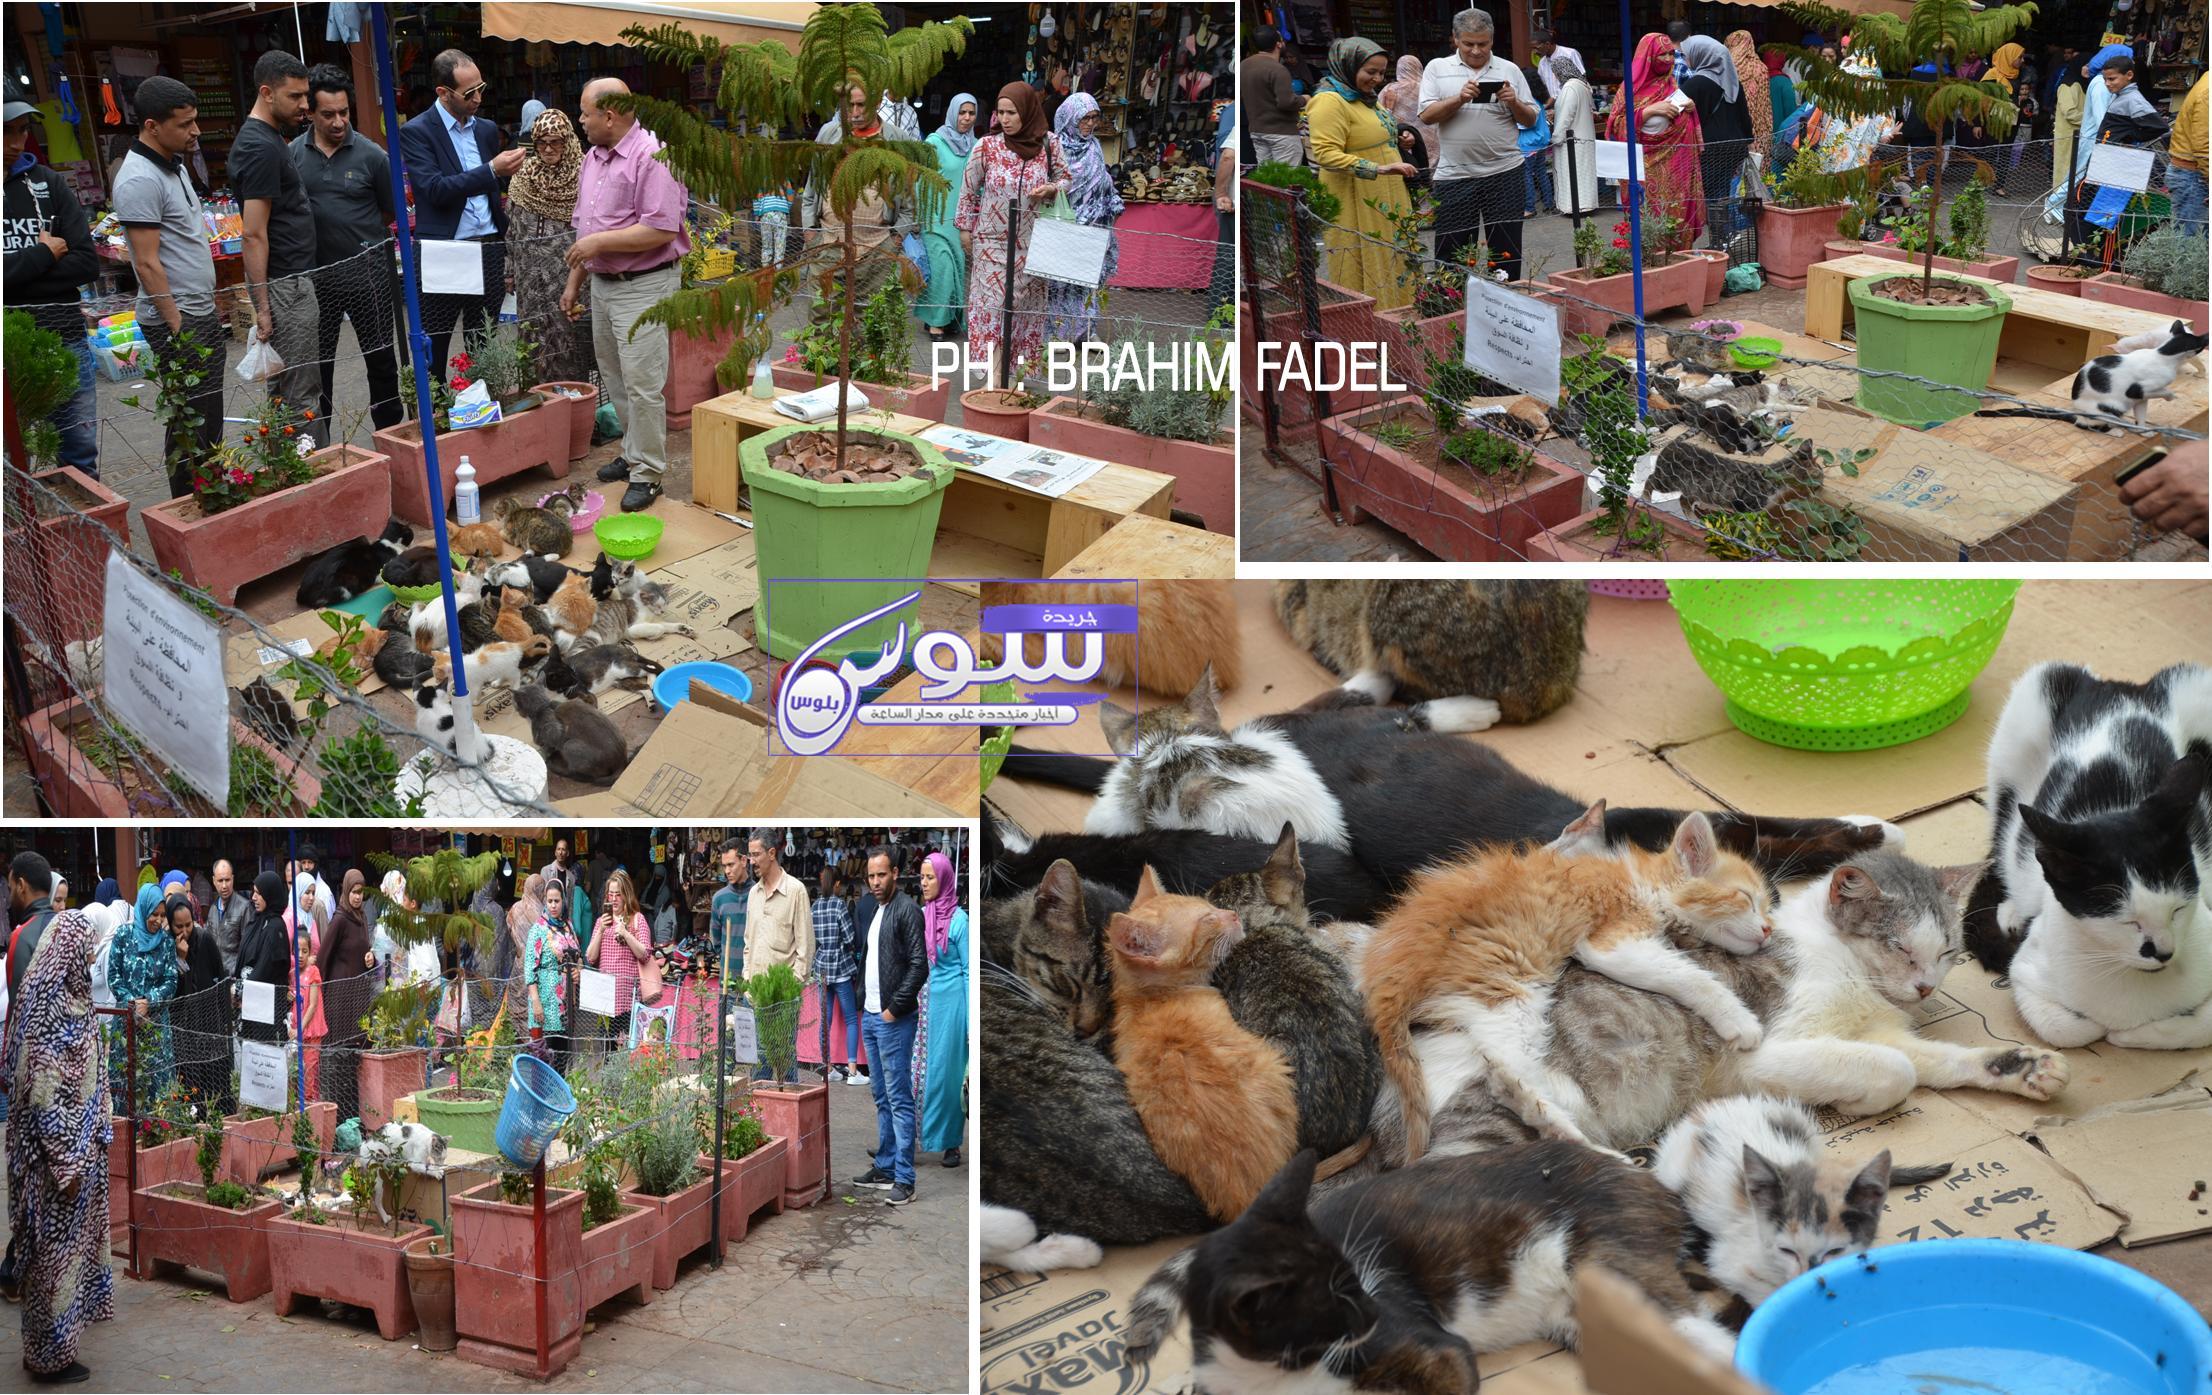 عاجل: بالفيديو …بلدية أكادير تقرر تصفية قطط حديقة سوق الأحد وتمهل راعيها 48 ساعة لإجلائها